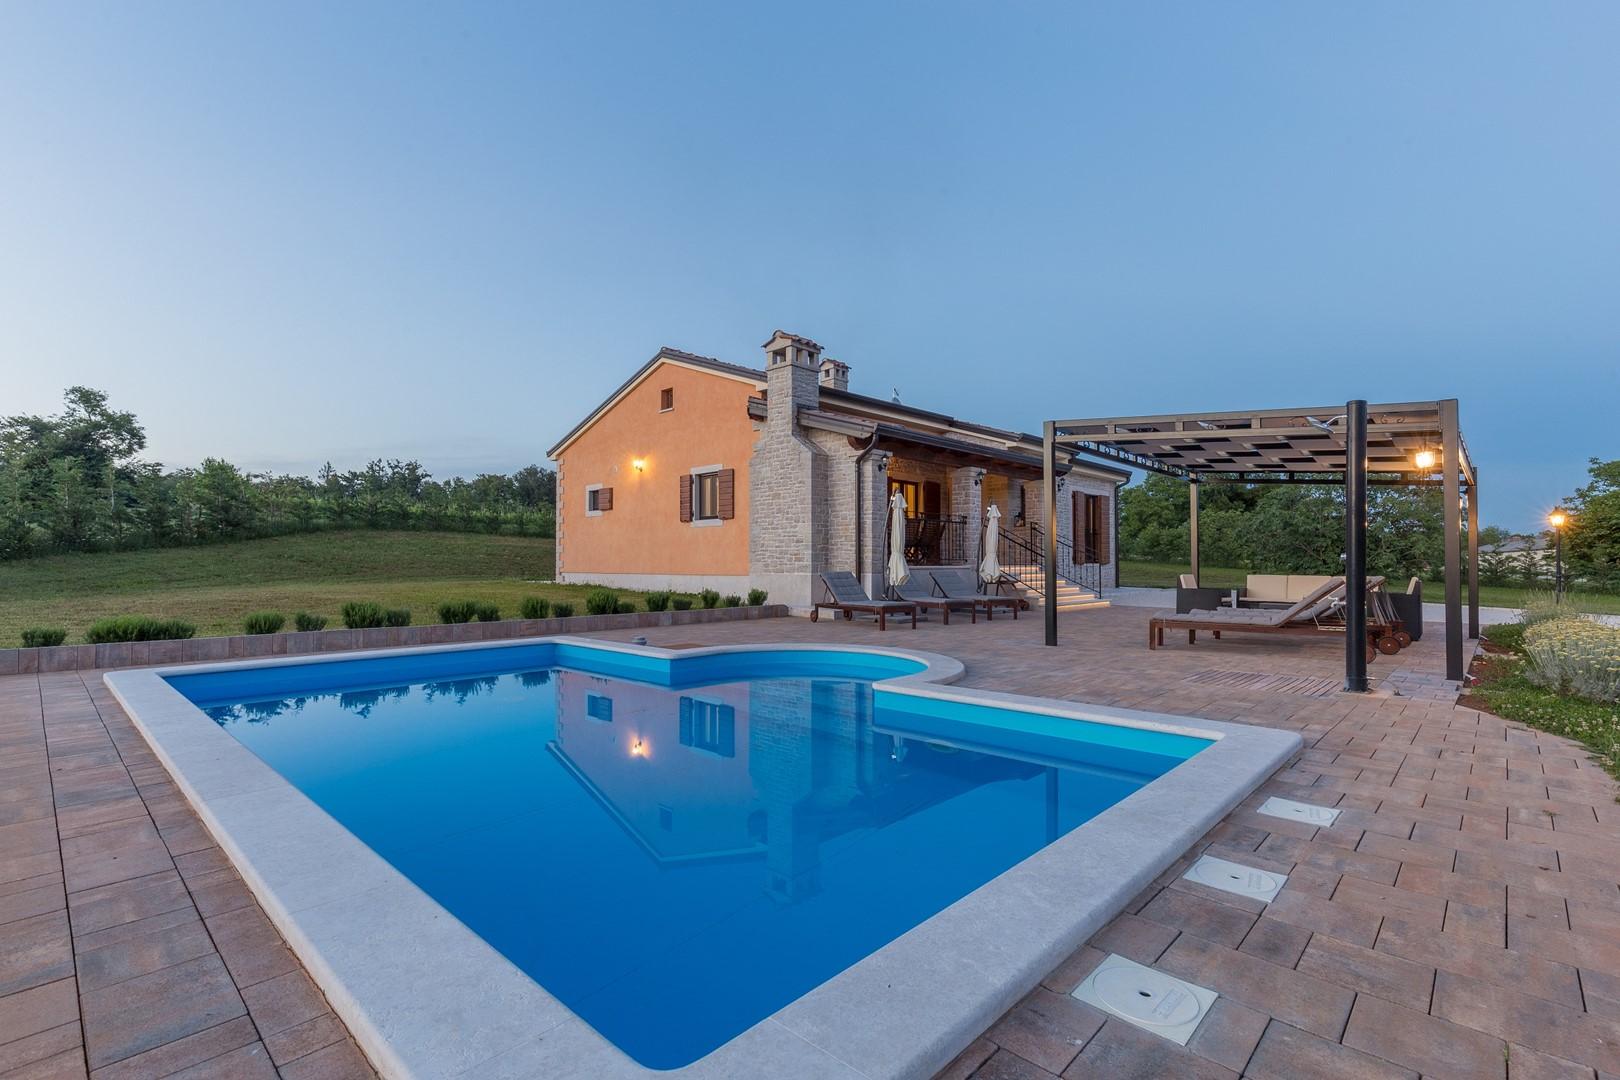 Ferienhaus Villa Elida mit Pool in abgelegene Lage - Zentral-Istrien (2789996), Pazin, , Istrien, Kroatien, Bild 36